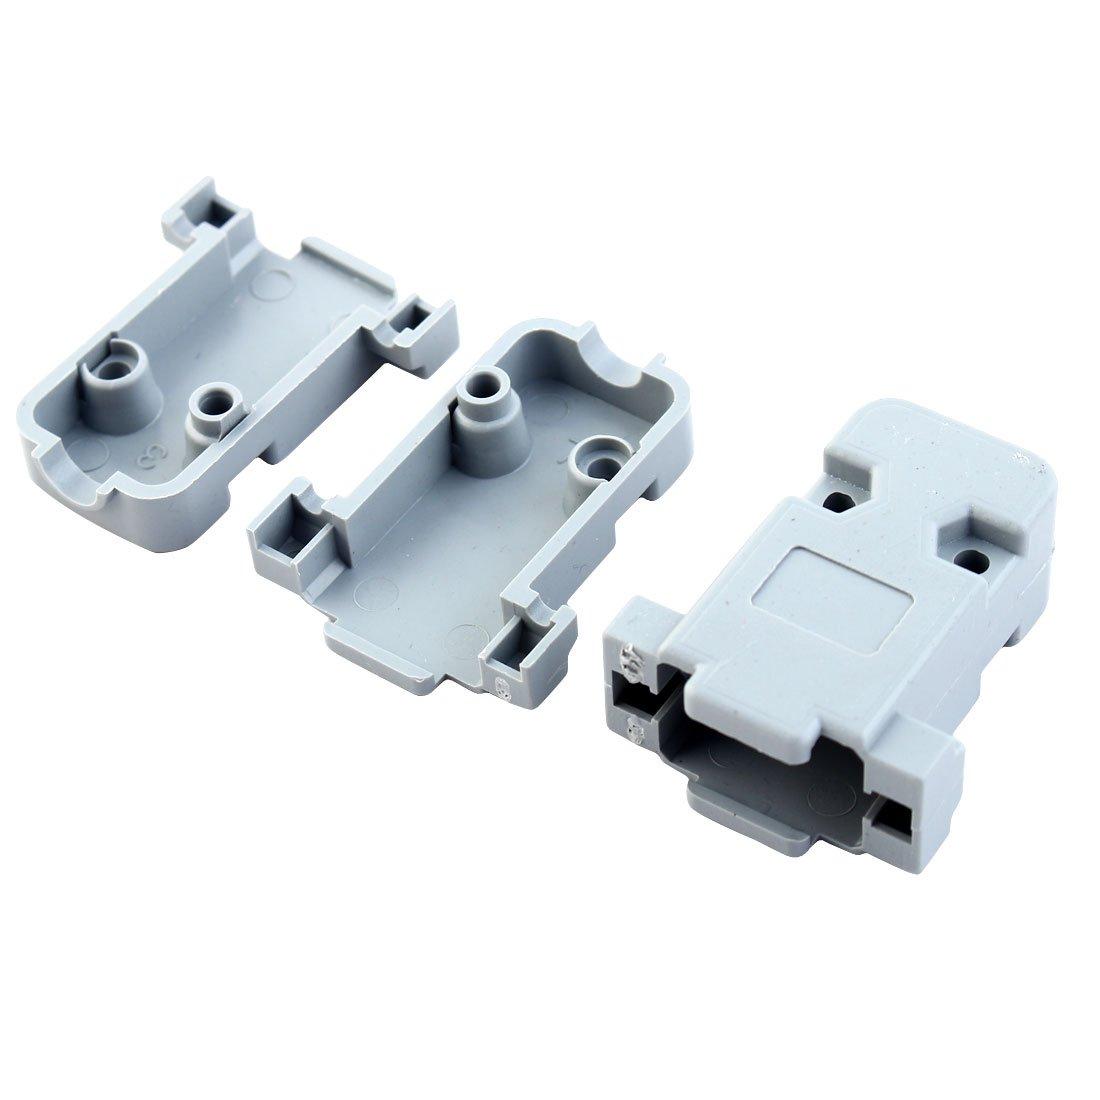 Alloggiamenti in plastica rigida grigia per connettori D Sub DB9 9 pin,confezione da 20